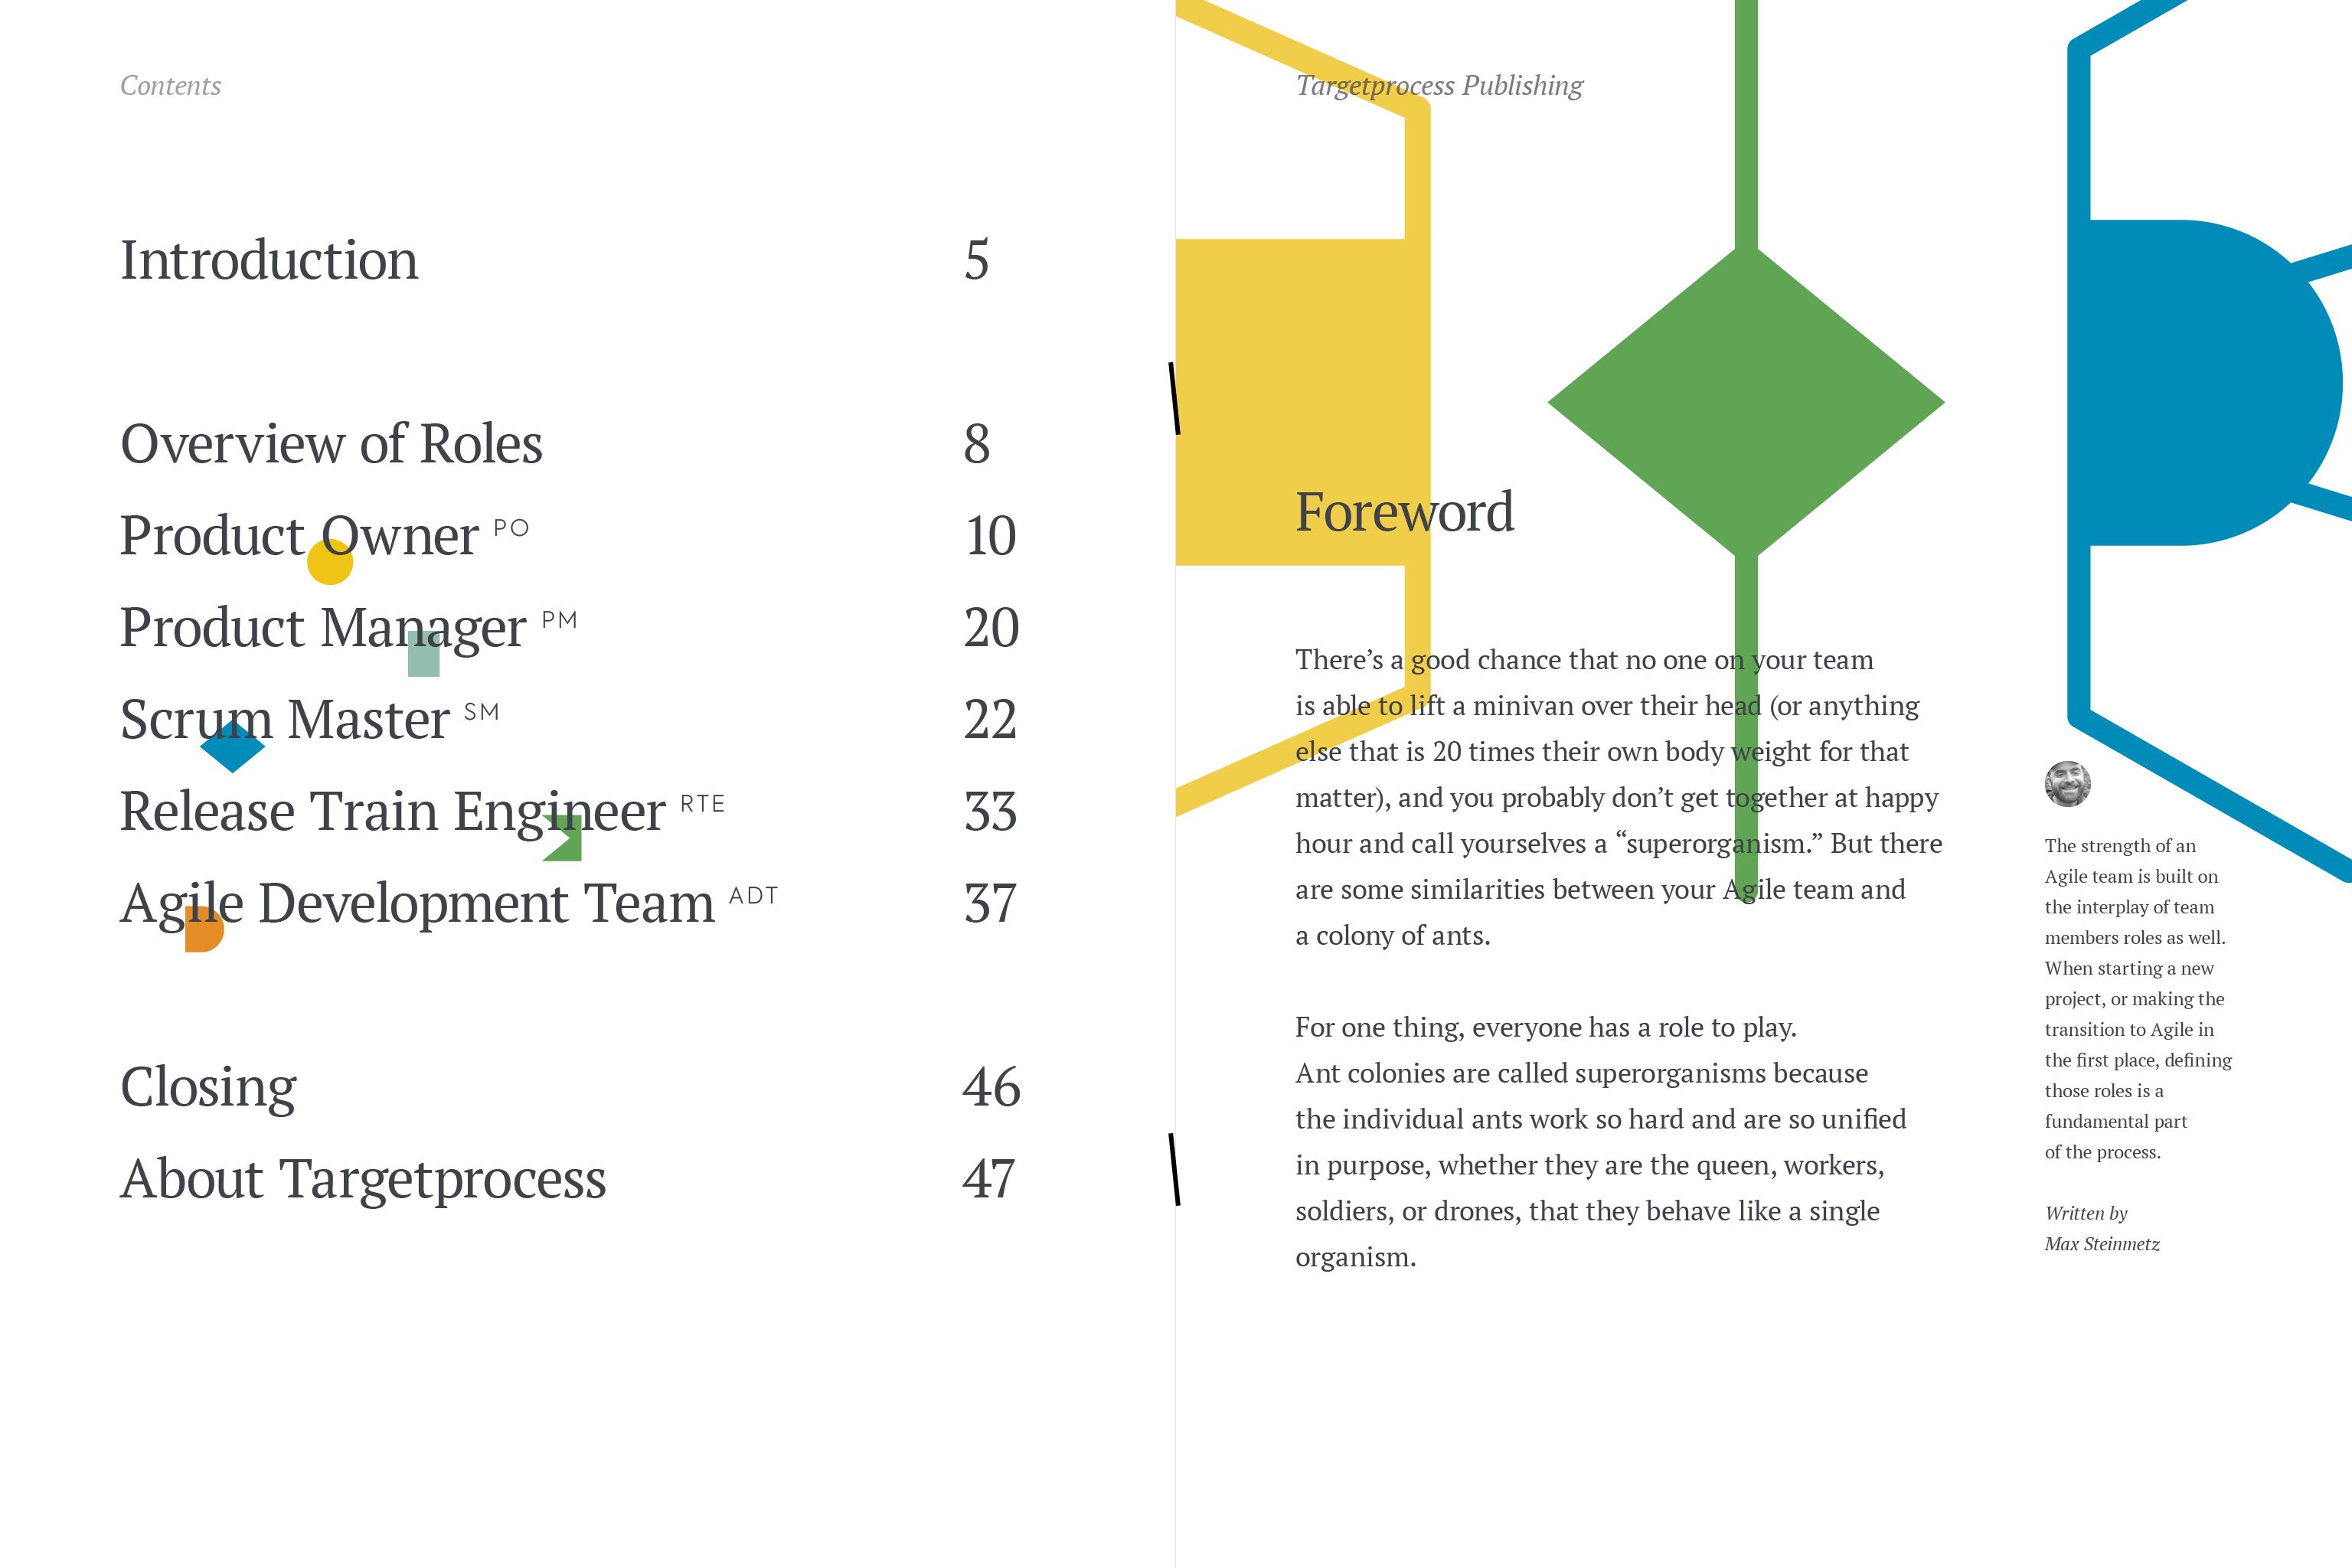 ebook расчет паспорта буровзрывных работ на угольных шахтах методические указания к практическим занятиям по